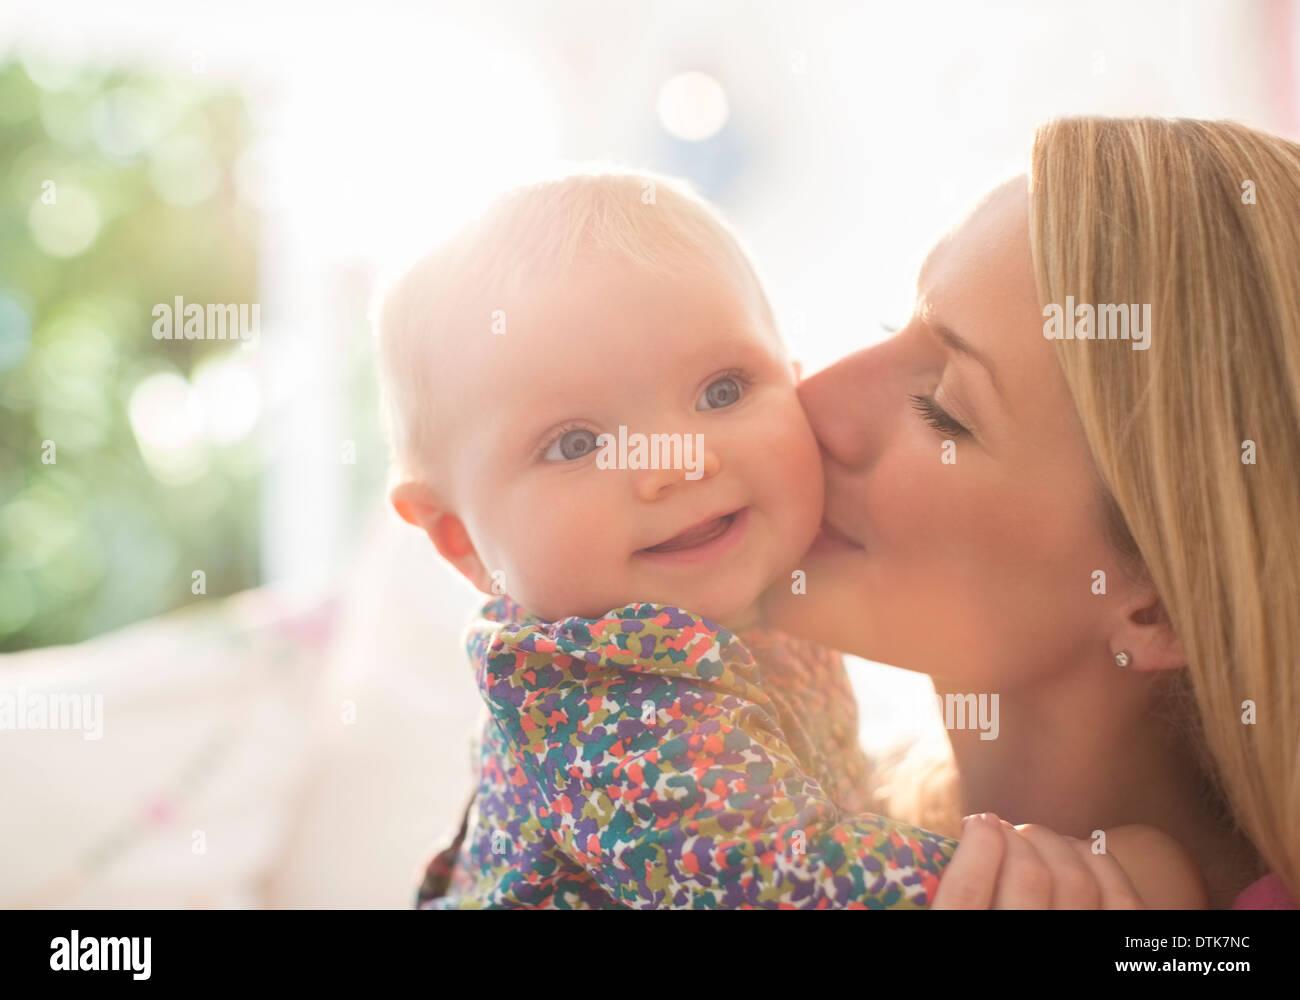 Madre besar la mejilla del bebé niña Imagen De Stock